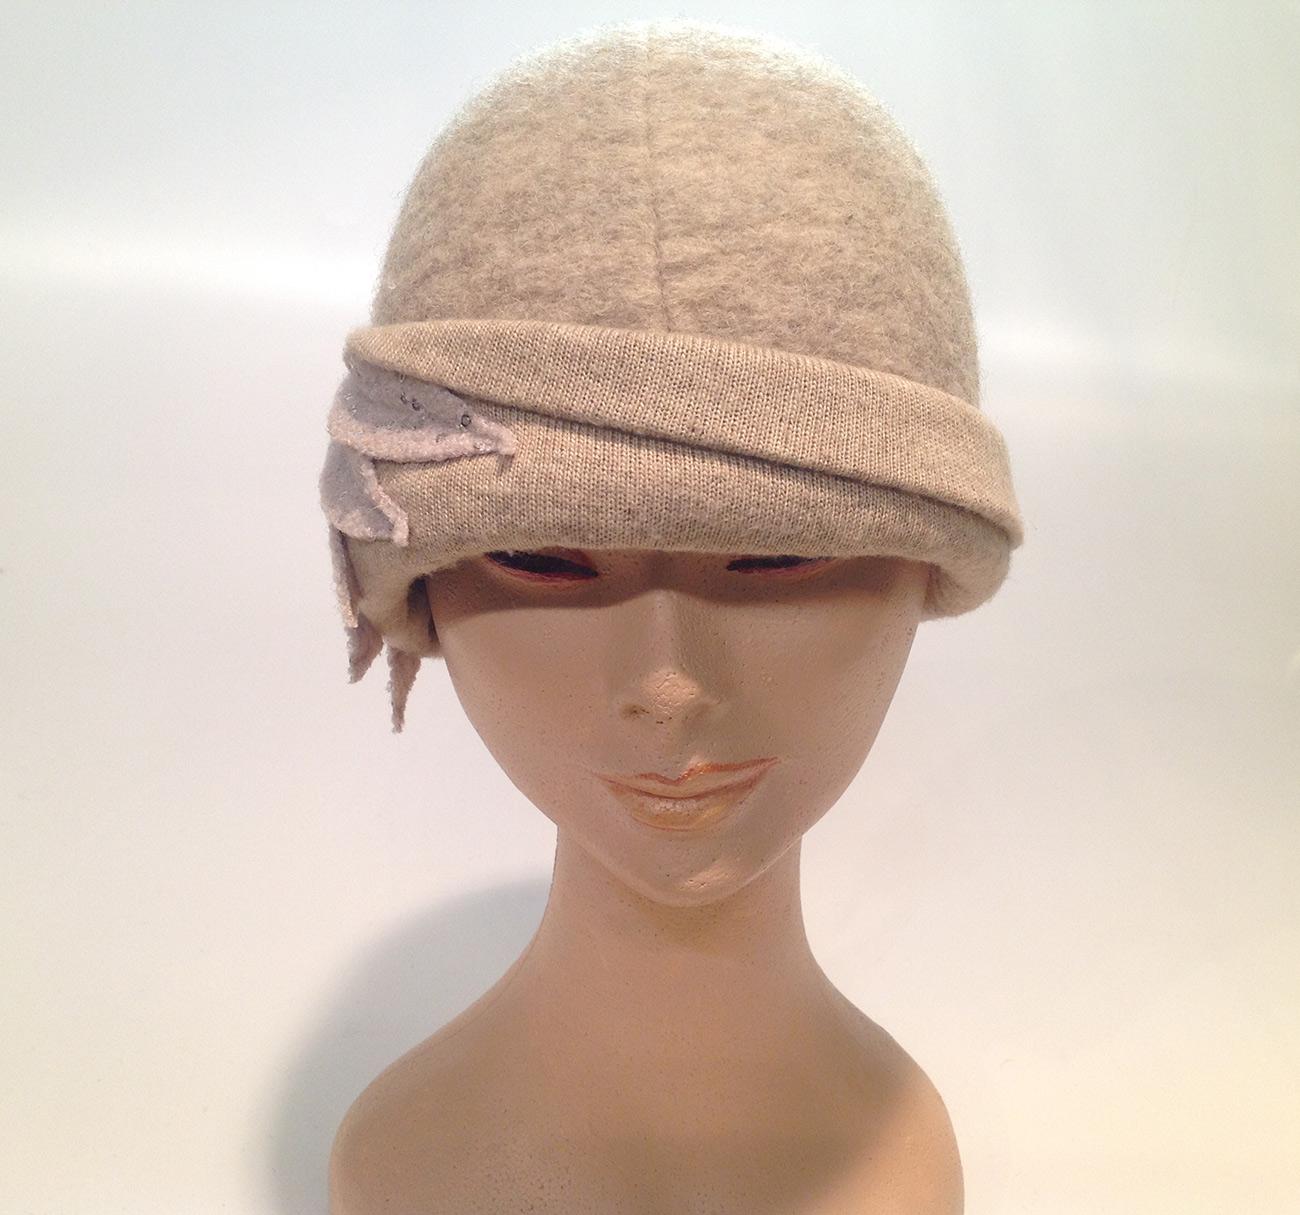 e40895e6df4 Boiled Wool Cloche with Applications - Atelier Alberto Lusona ...